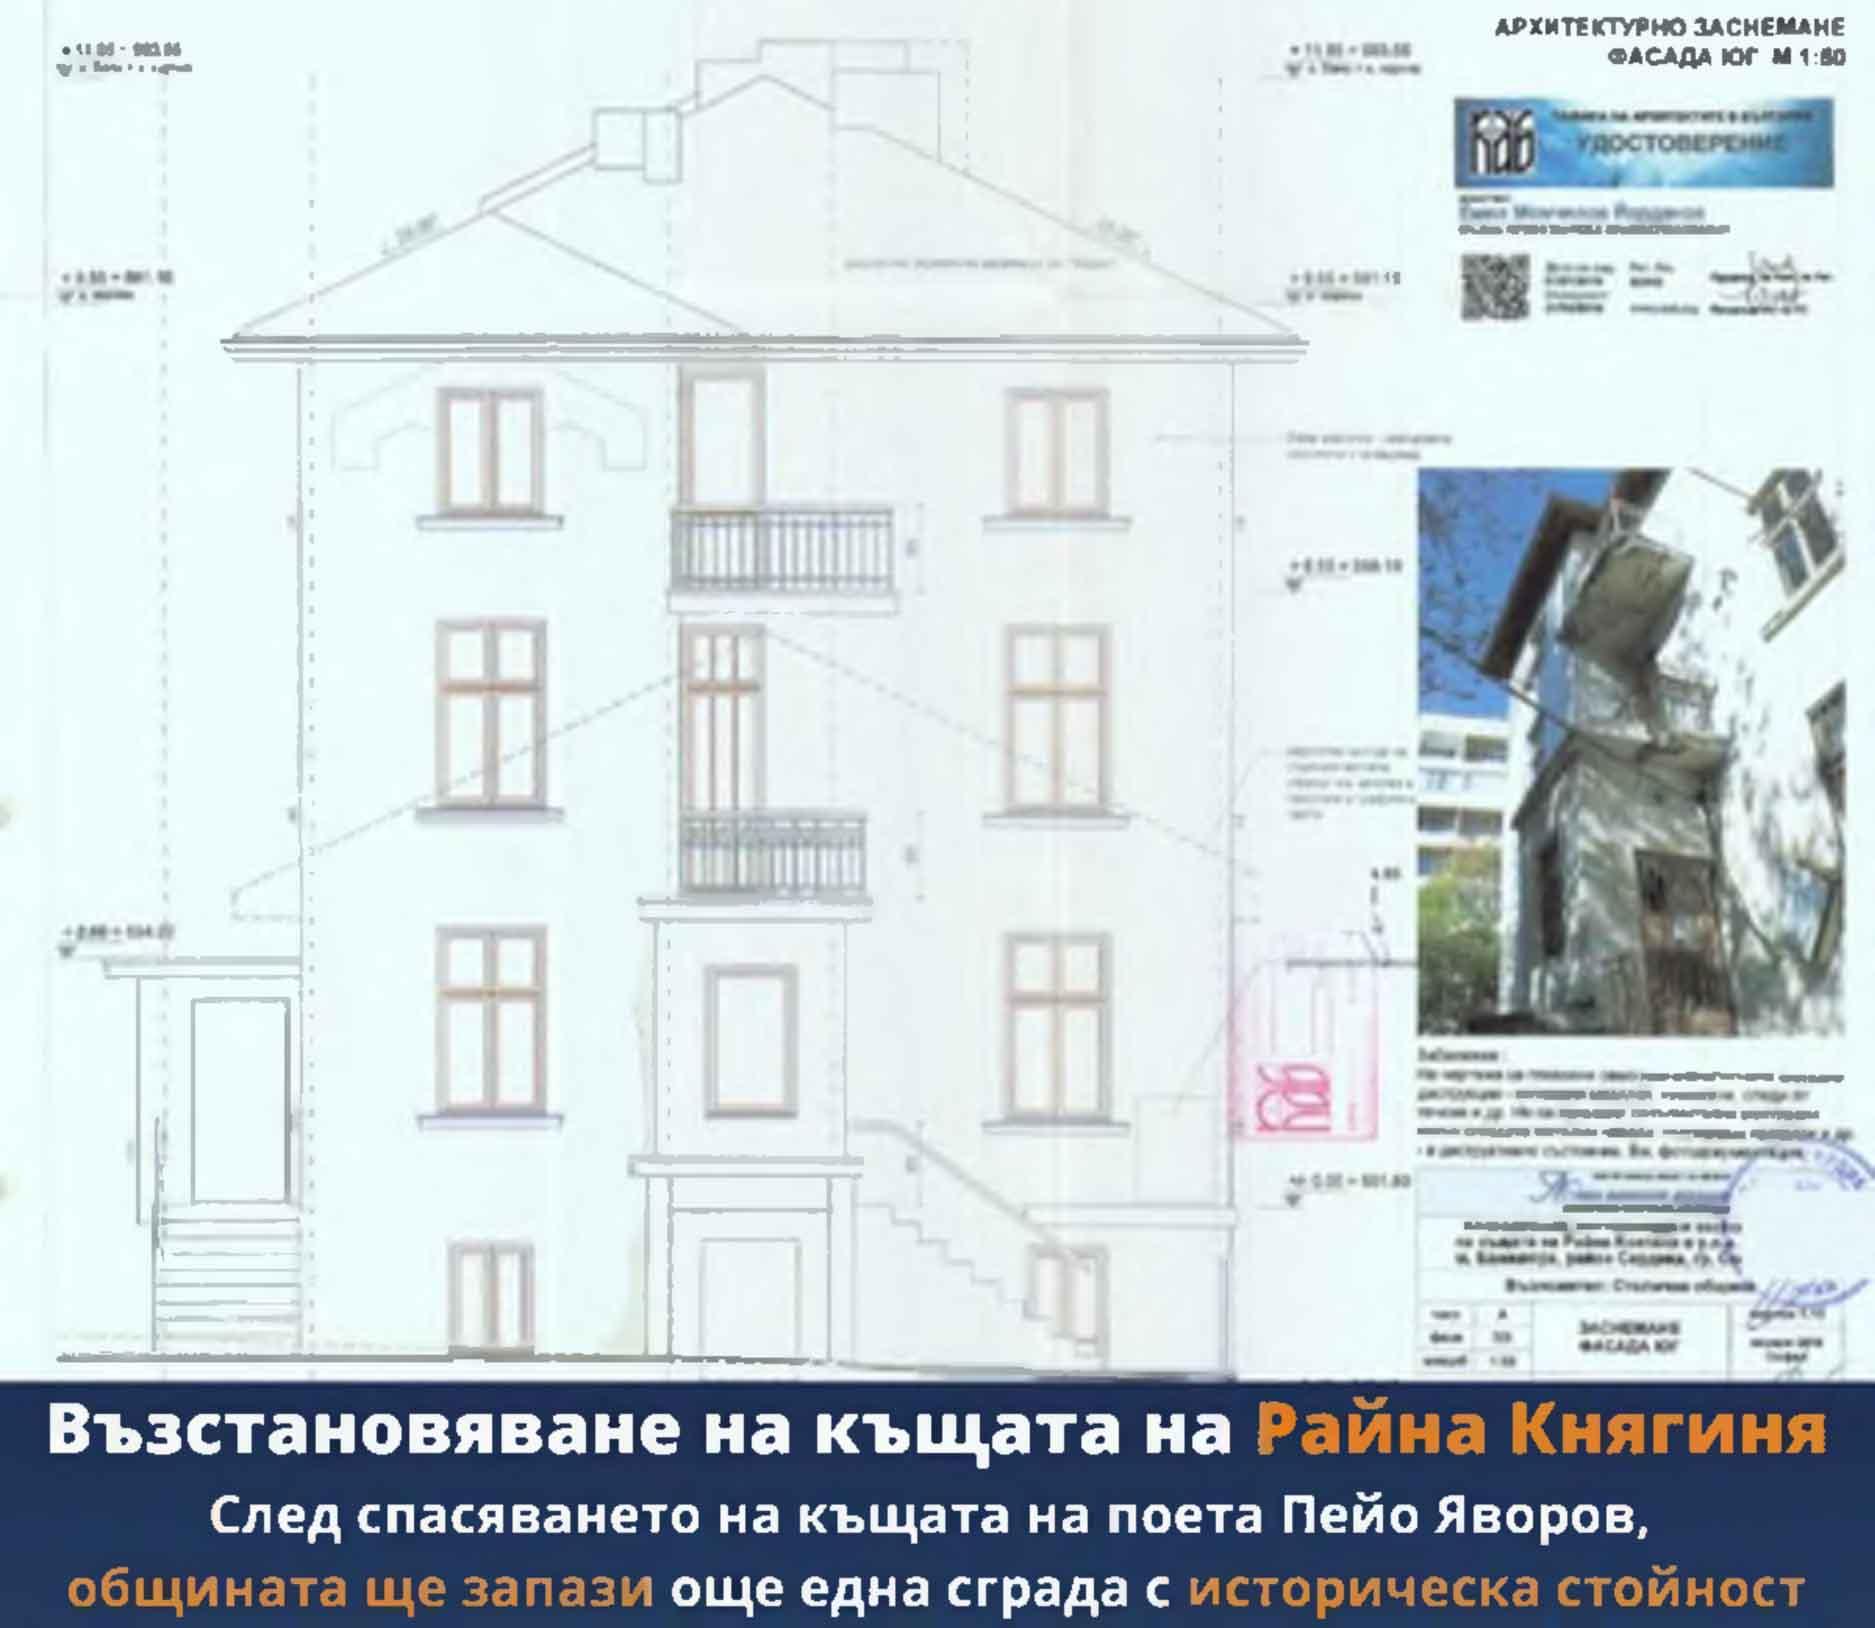 Възстановяват къщата на Райна Княгиня в София